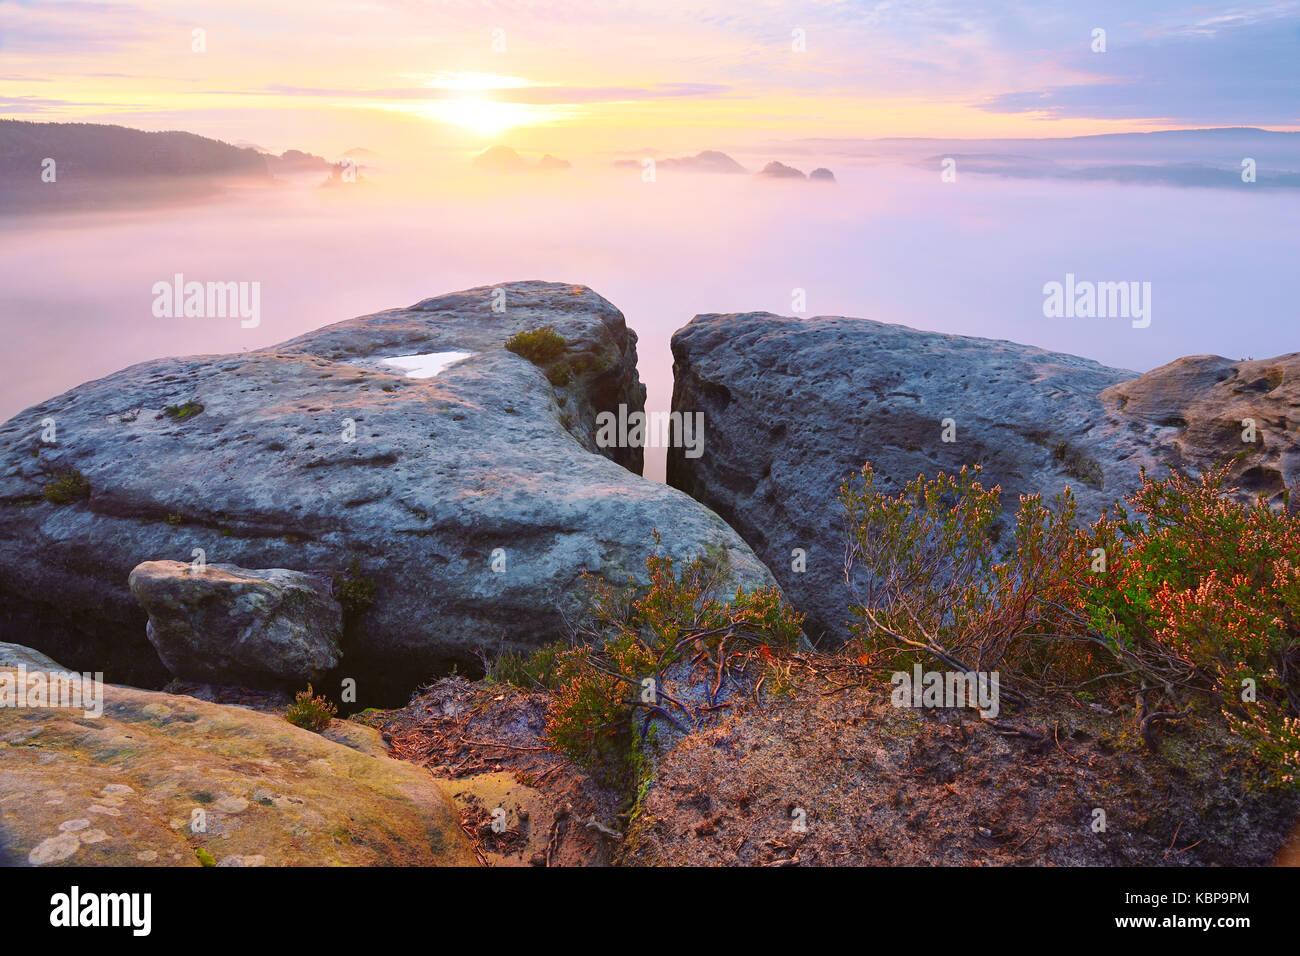 Incredibile momento in seno all'alba autunnale in Sassonia svizzera parco nazionale. sharp picchi di arenaria Immagini Stock